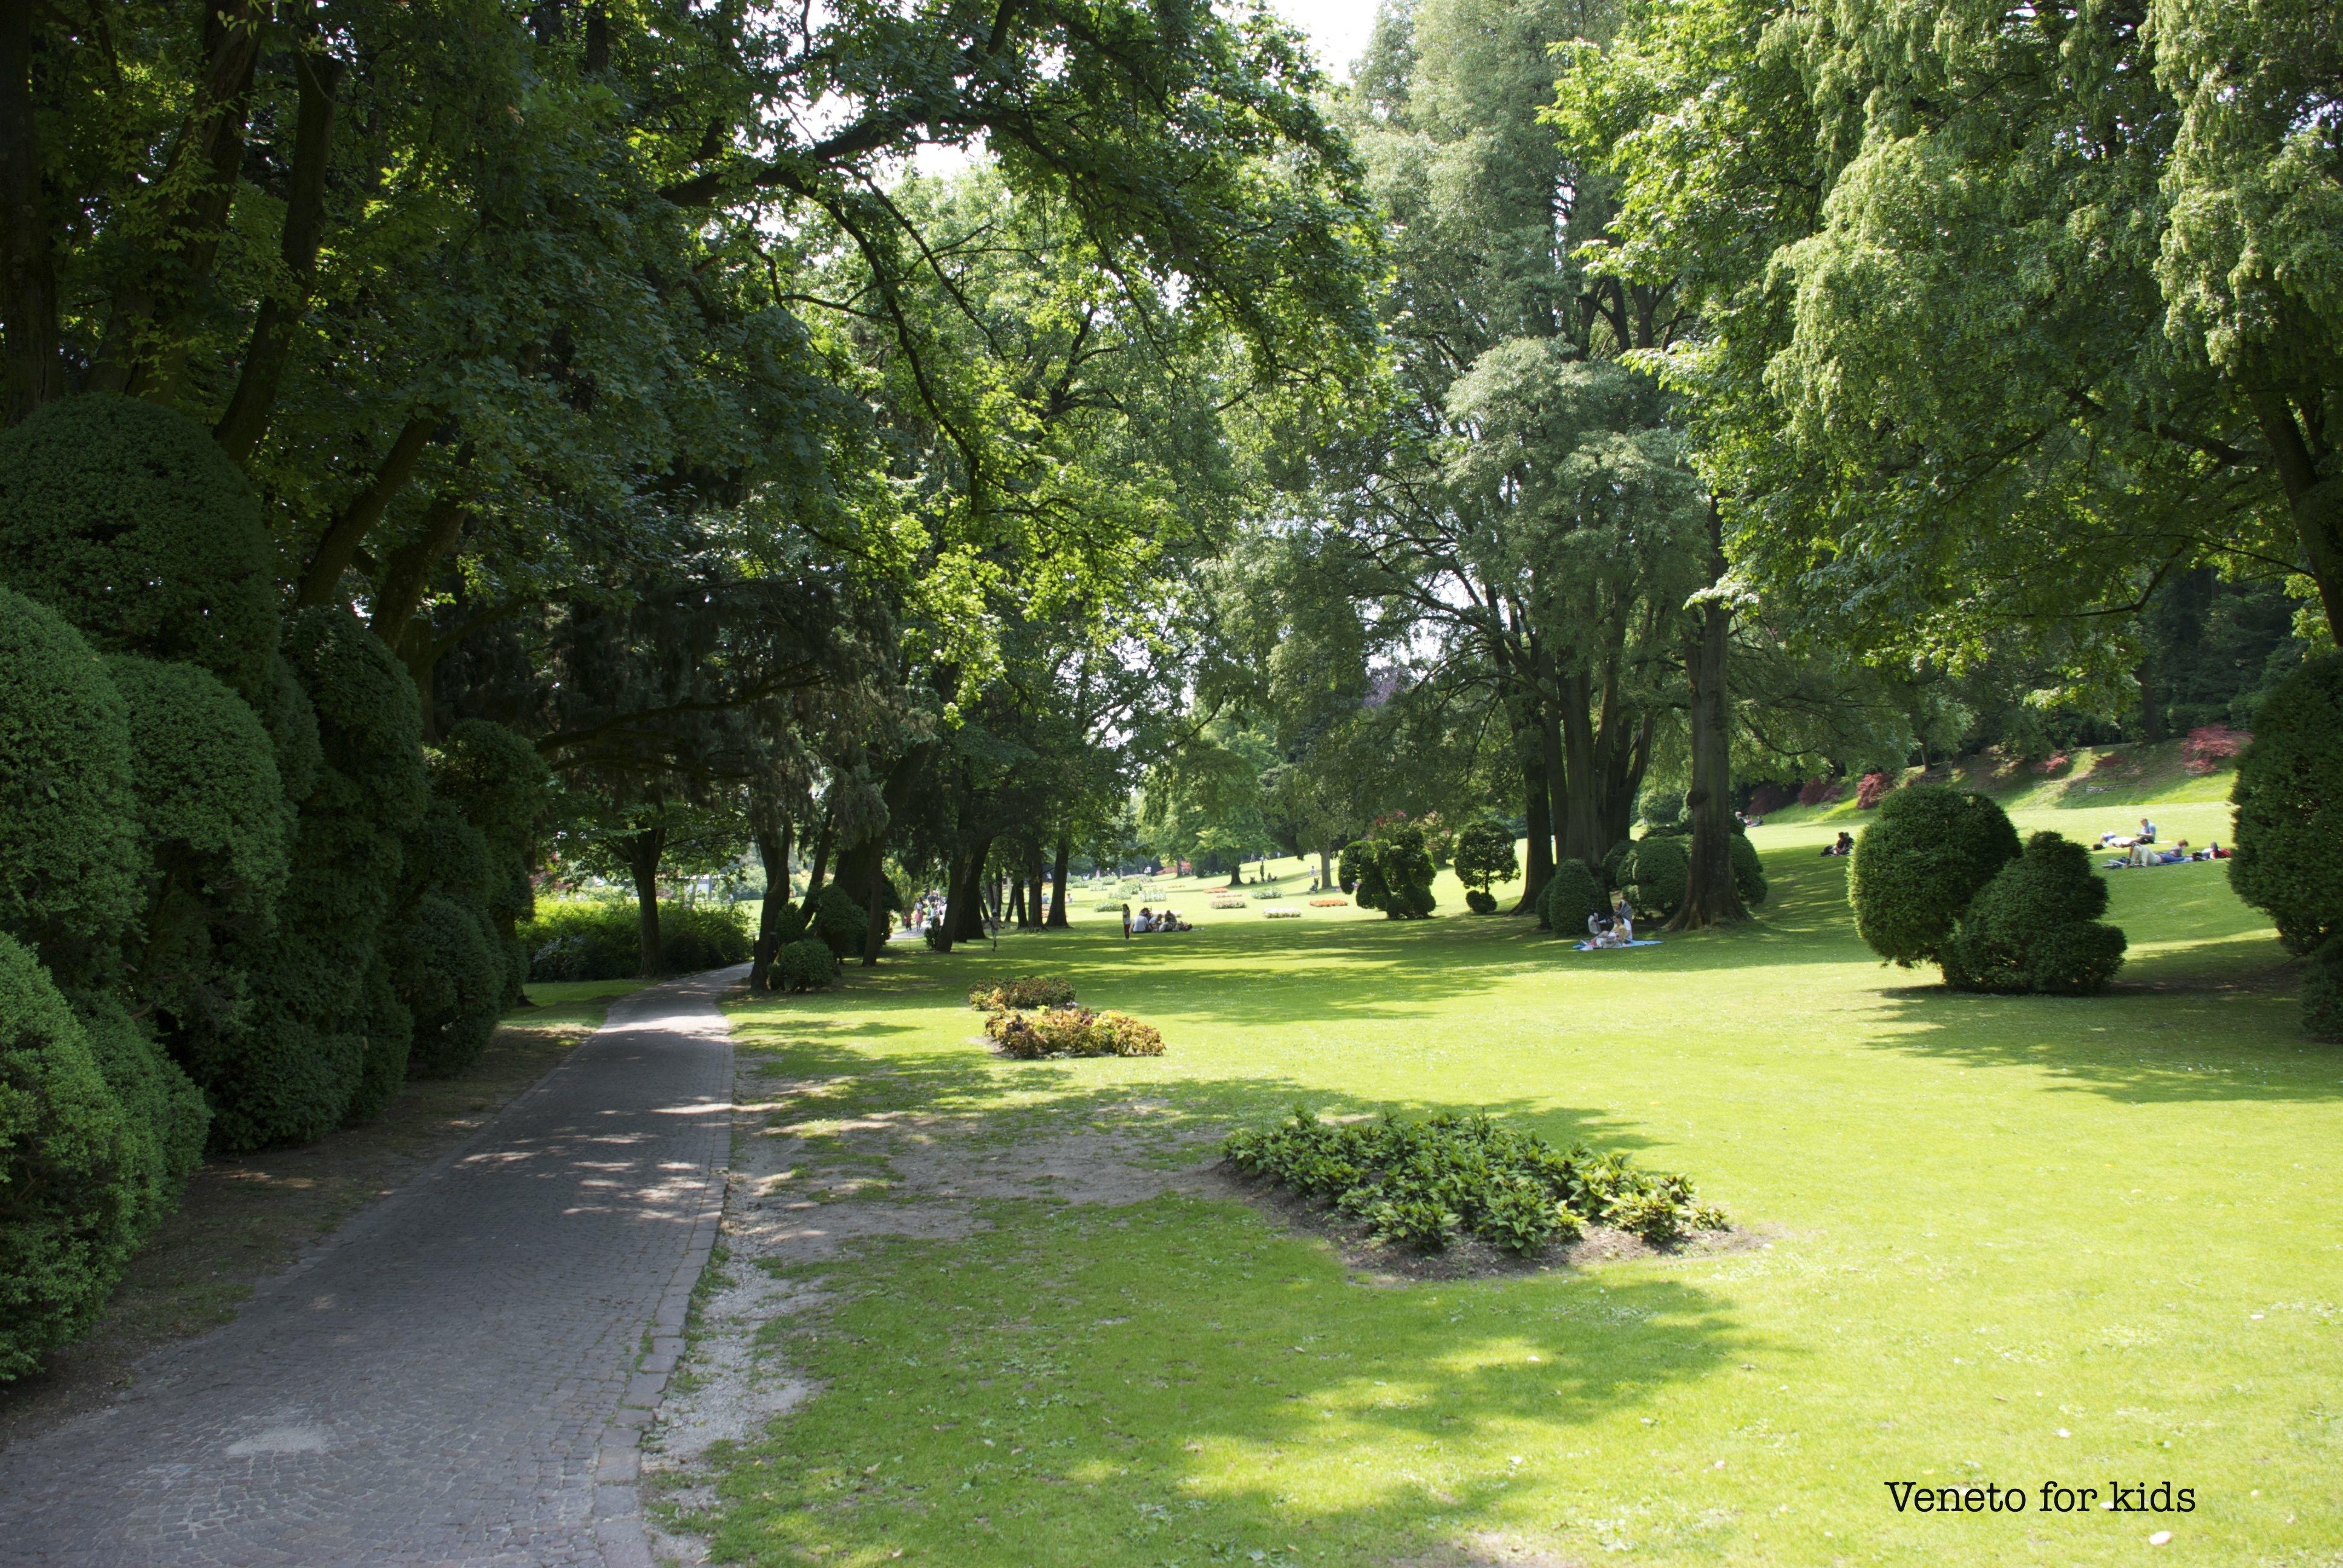 Visitare il parco giardino sigurt con bambini piccoli - Il giardino degli esperidi ...